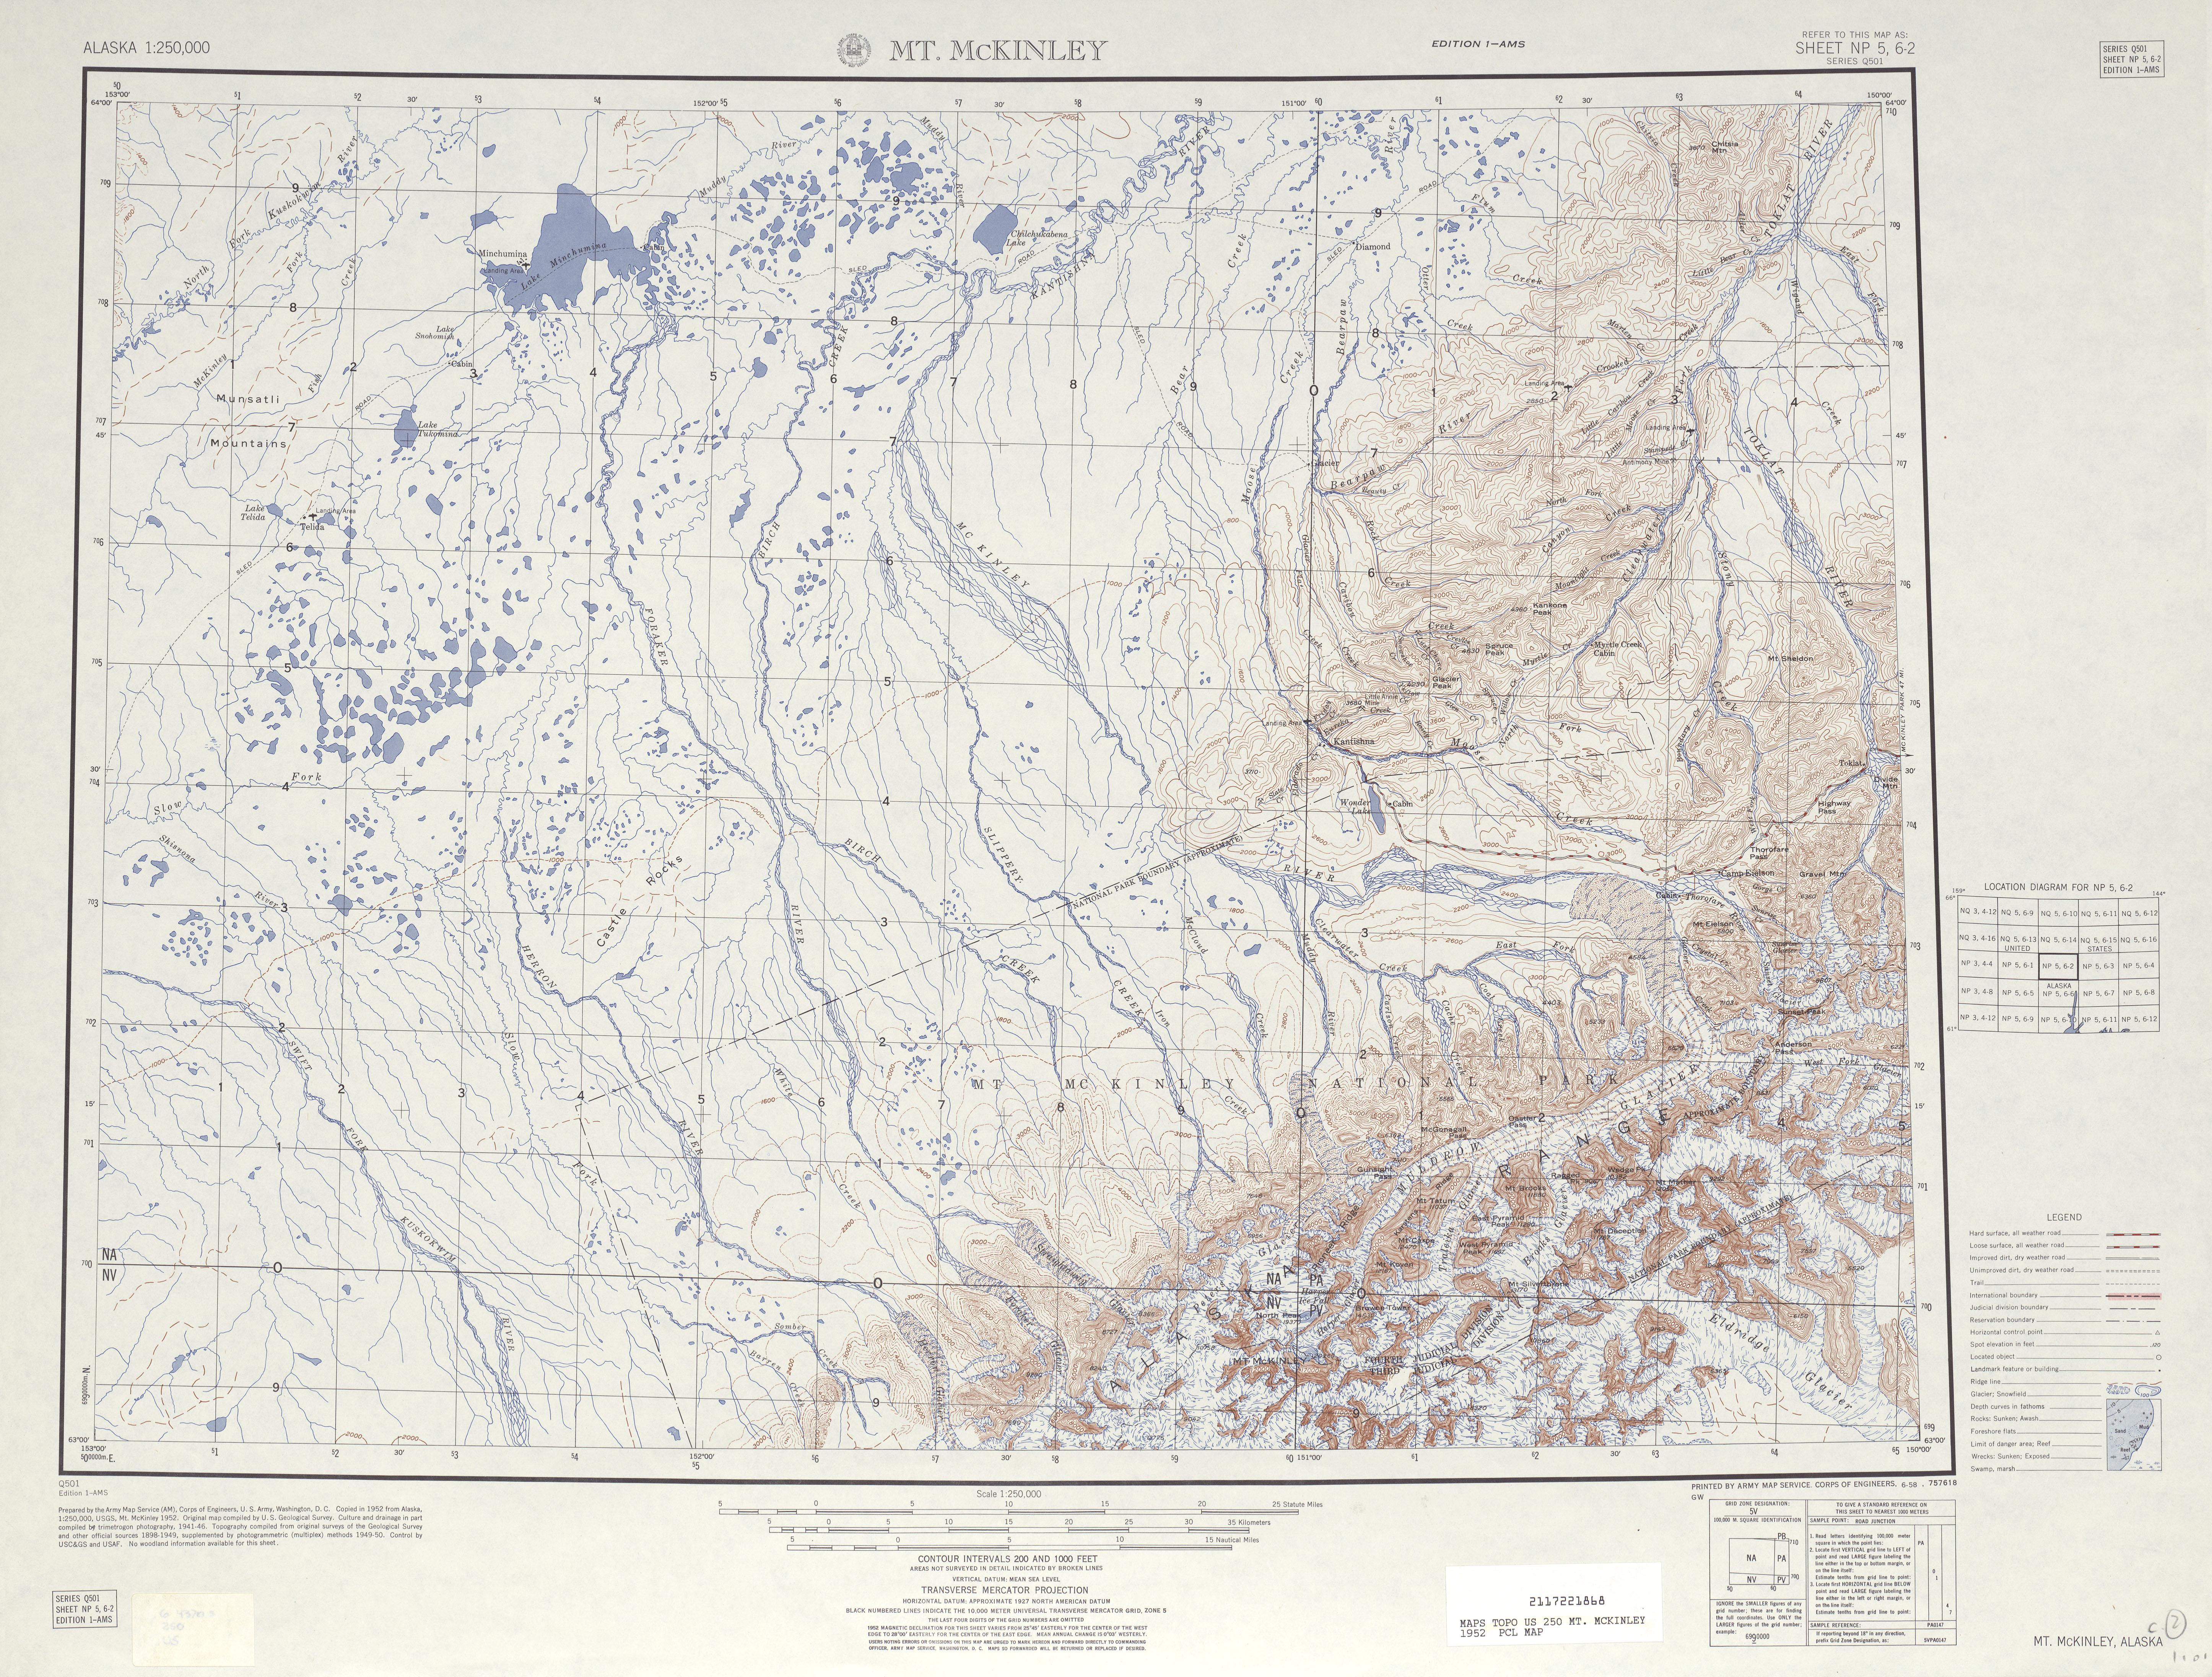 Hoja Mt. Mckinley del Mapa Topográfico de los Estados Unidos 1952